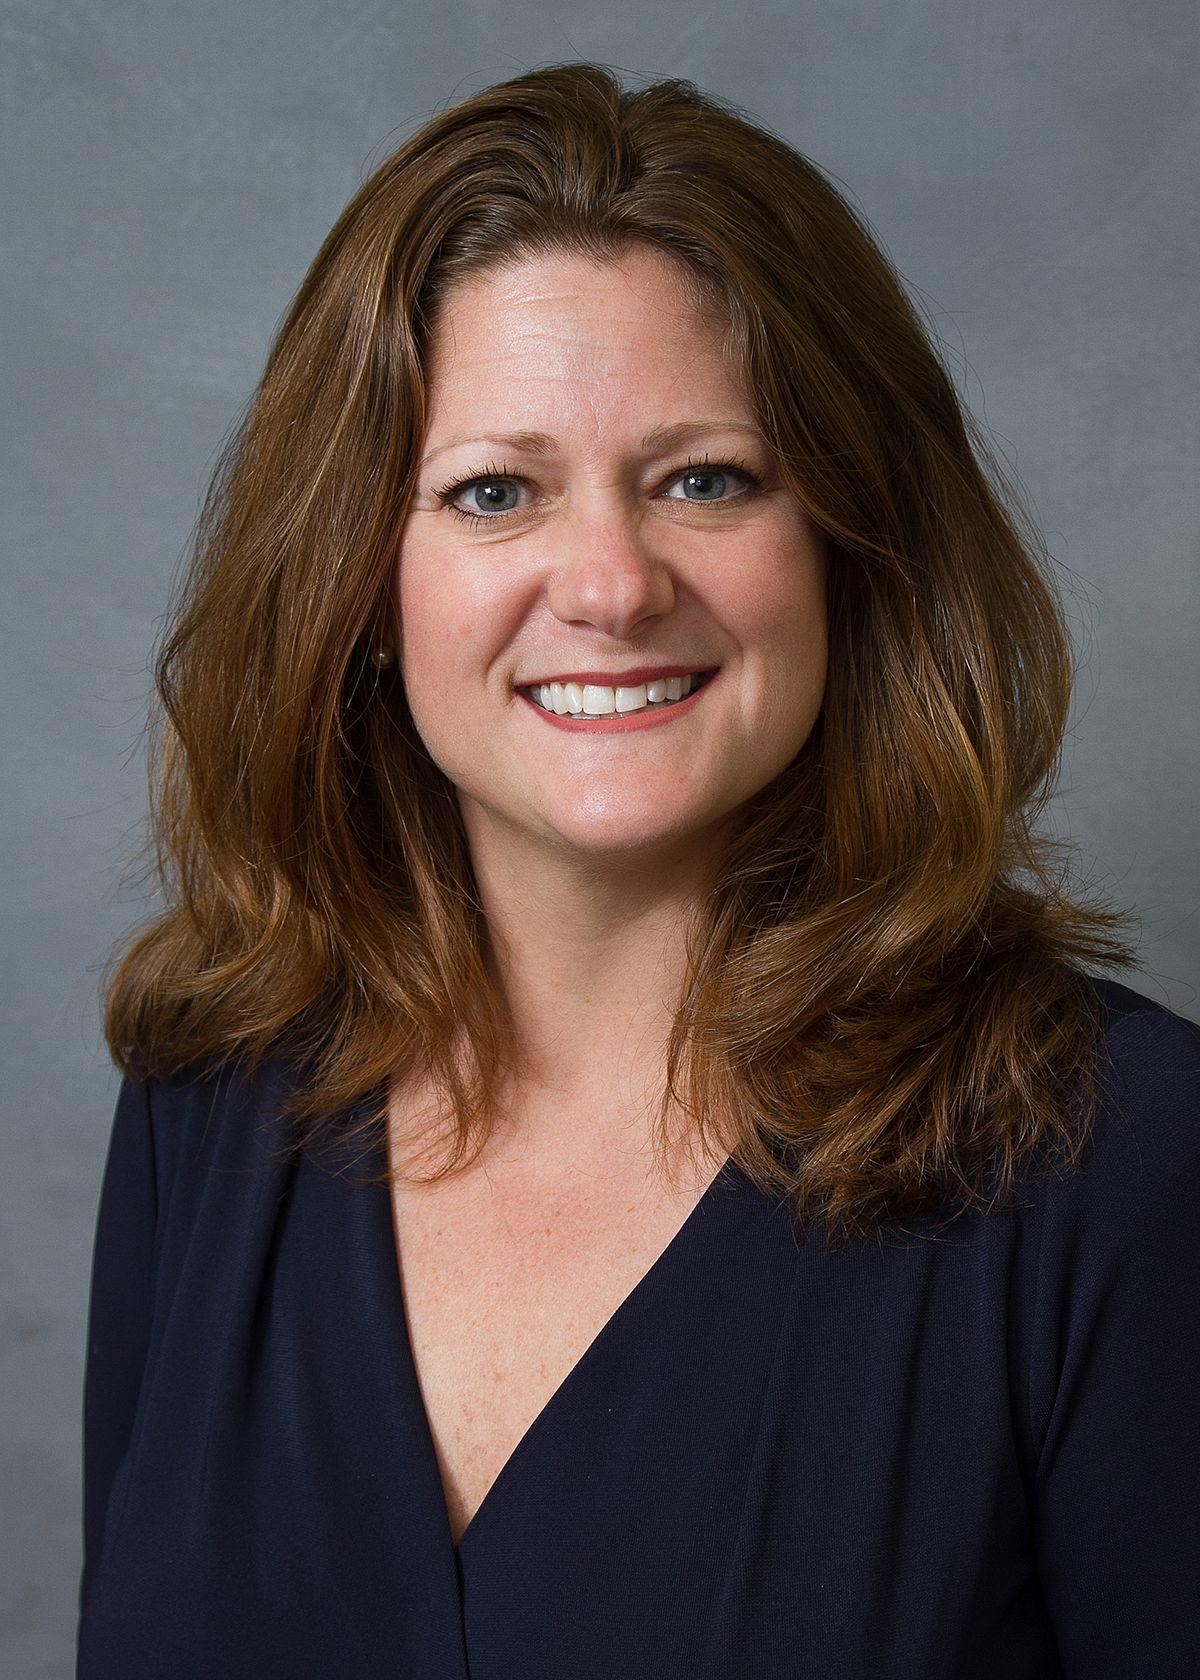 Susi Hamilton - Wikipedia